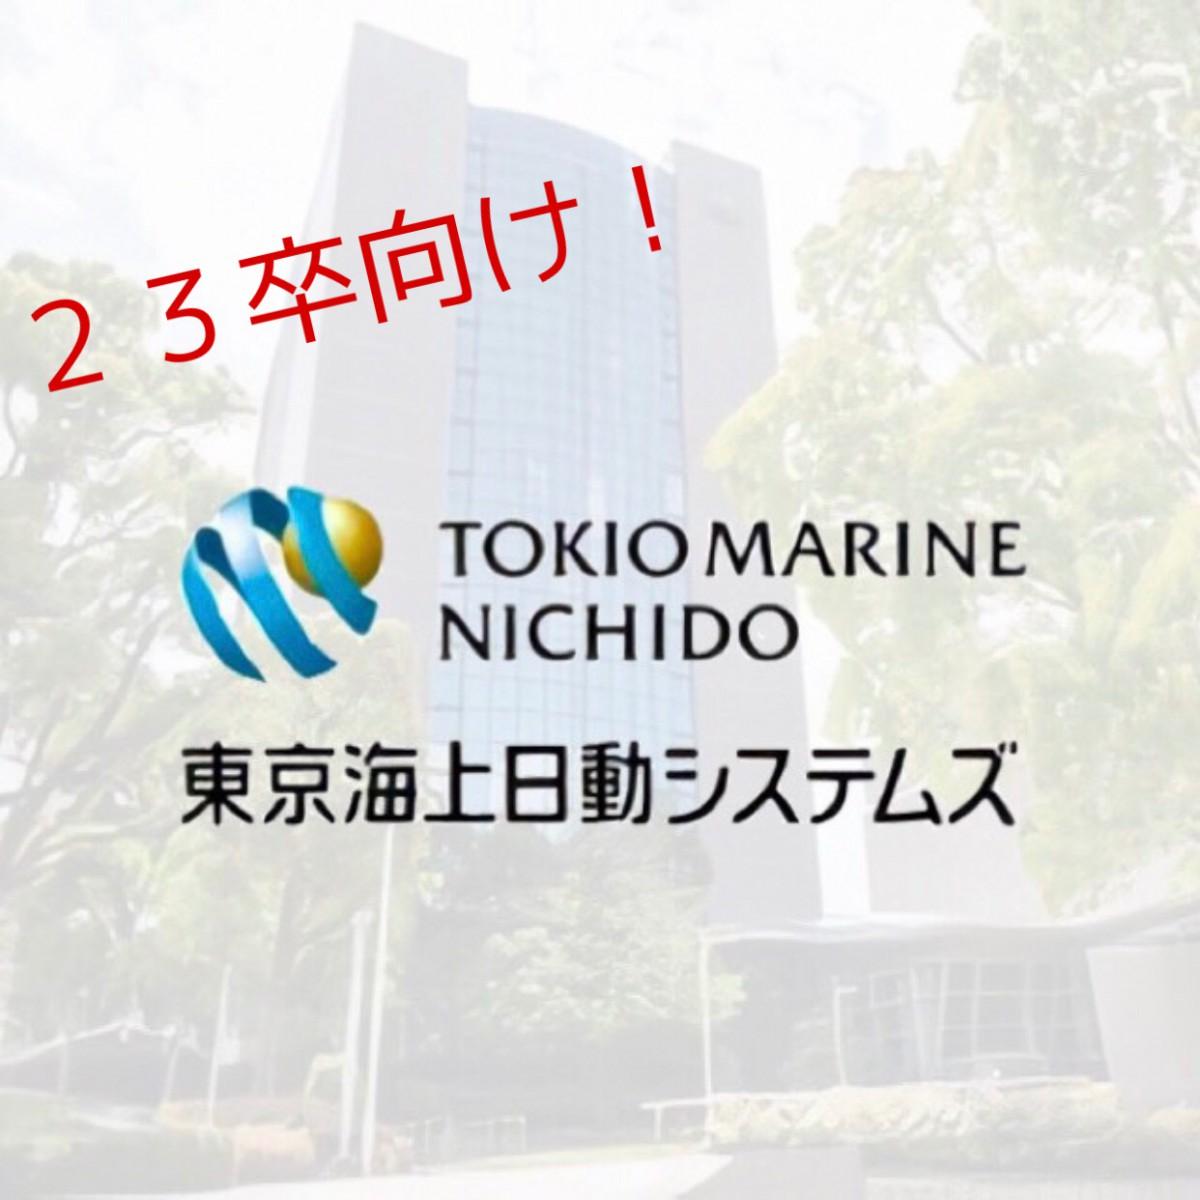 国内シェアNo.1!保険のトップ企業である東京海上日動システムズさんとイベントを開催しました